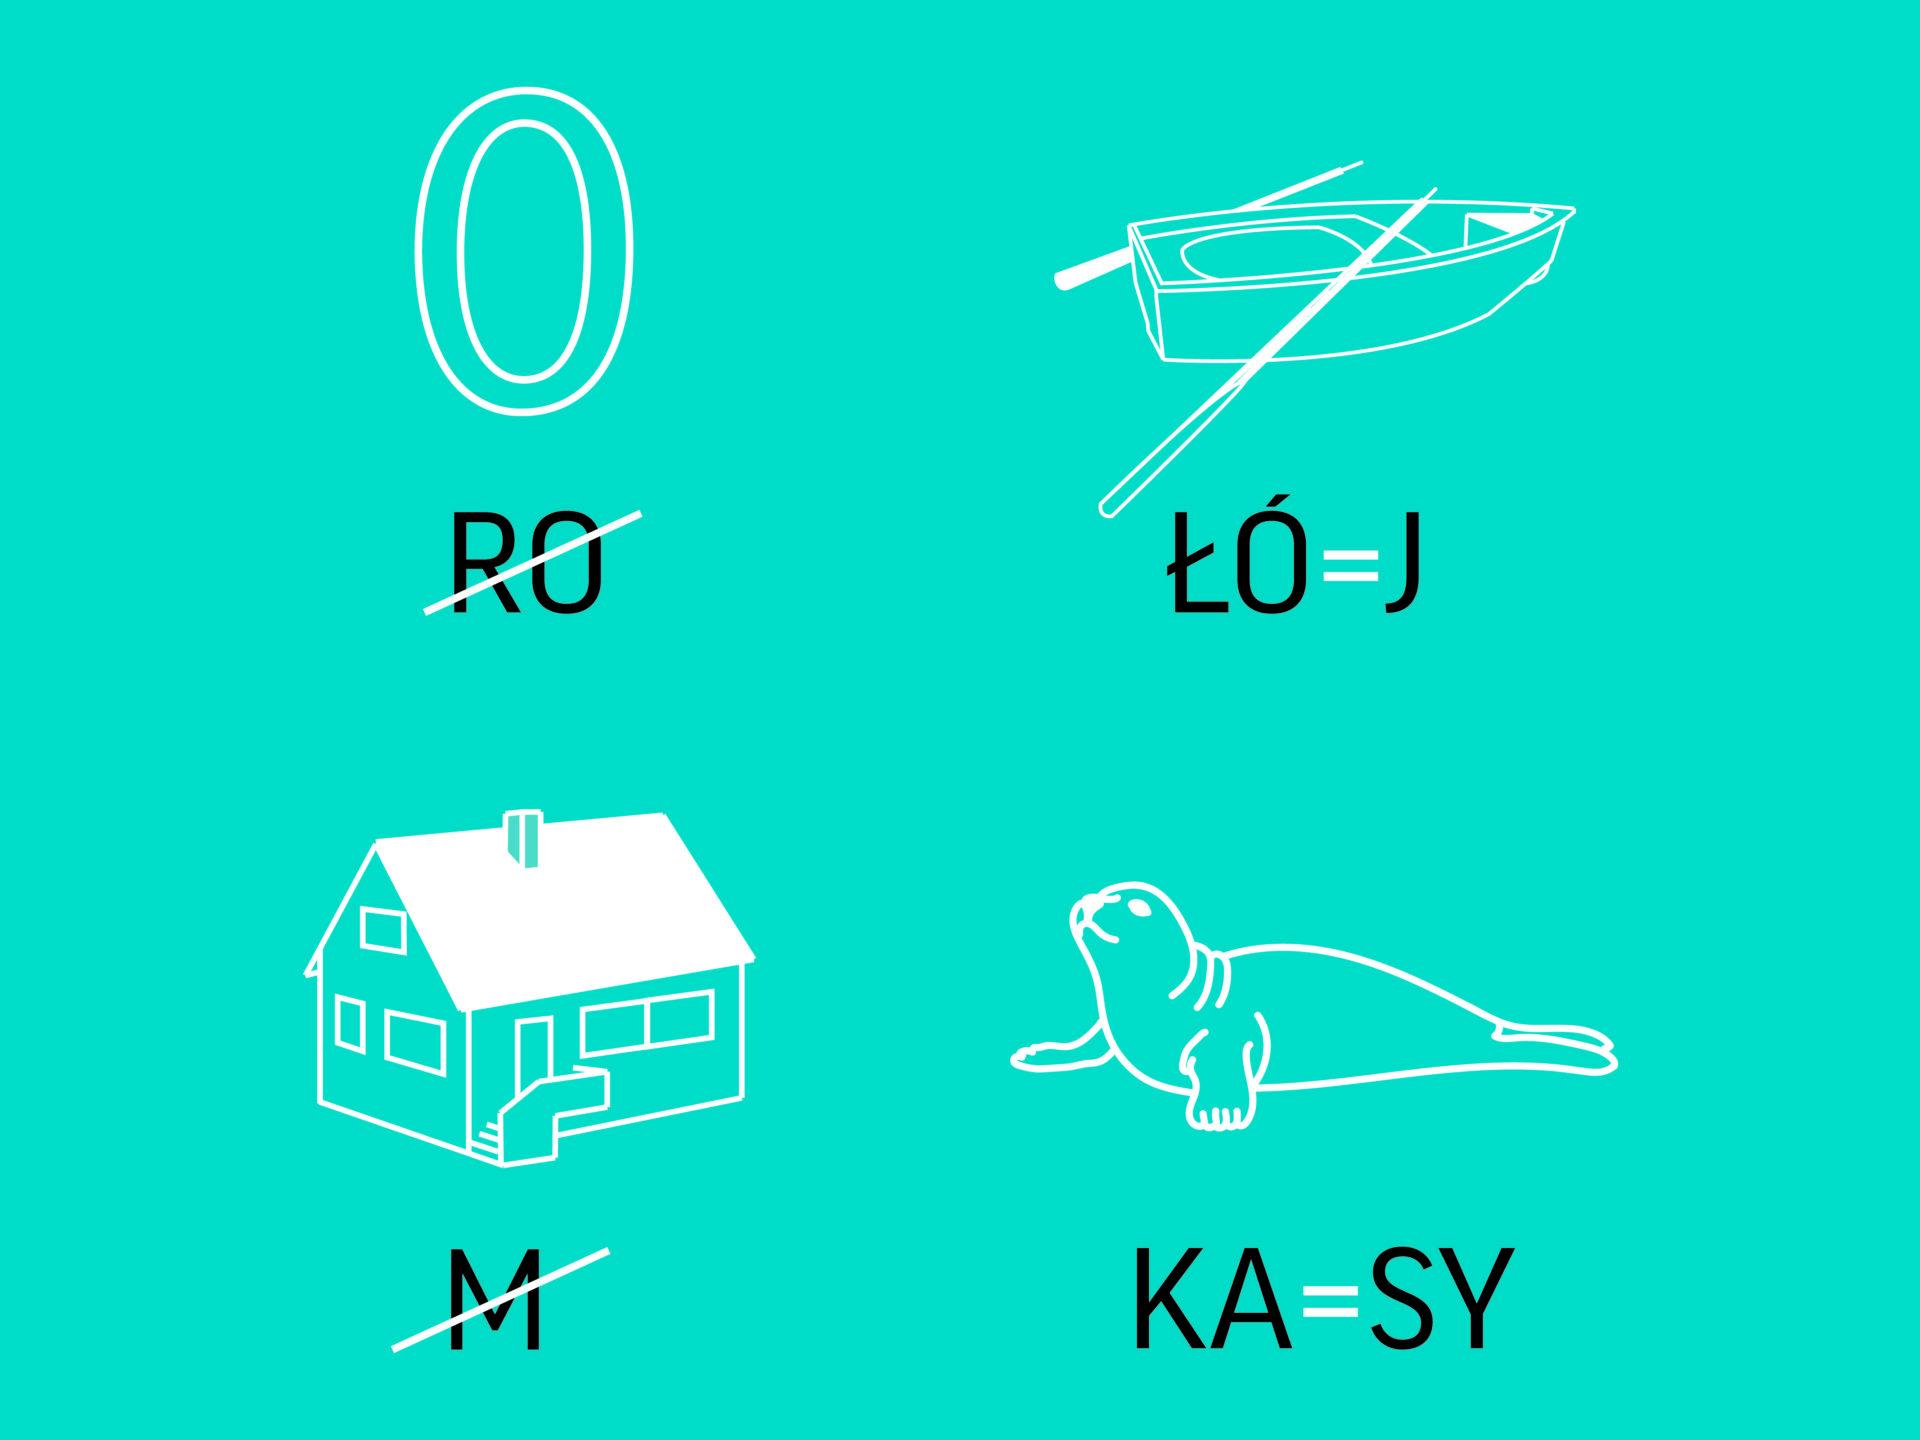 """Rebus przedstawiający kolejno: zero iprzekreślone """"ro"""", łódź i""""łó""""=""""j"""", dom iprzekreślone """"m"""", fokę i""""ka""""=""""sy""""."""